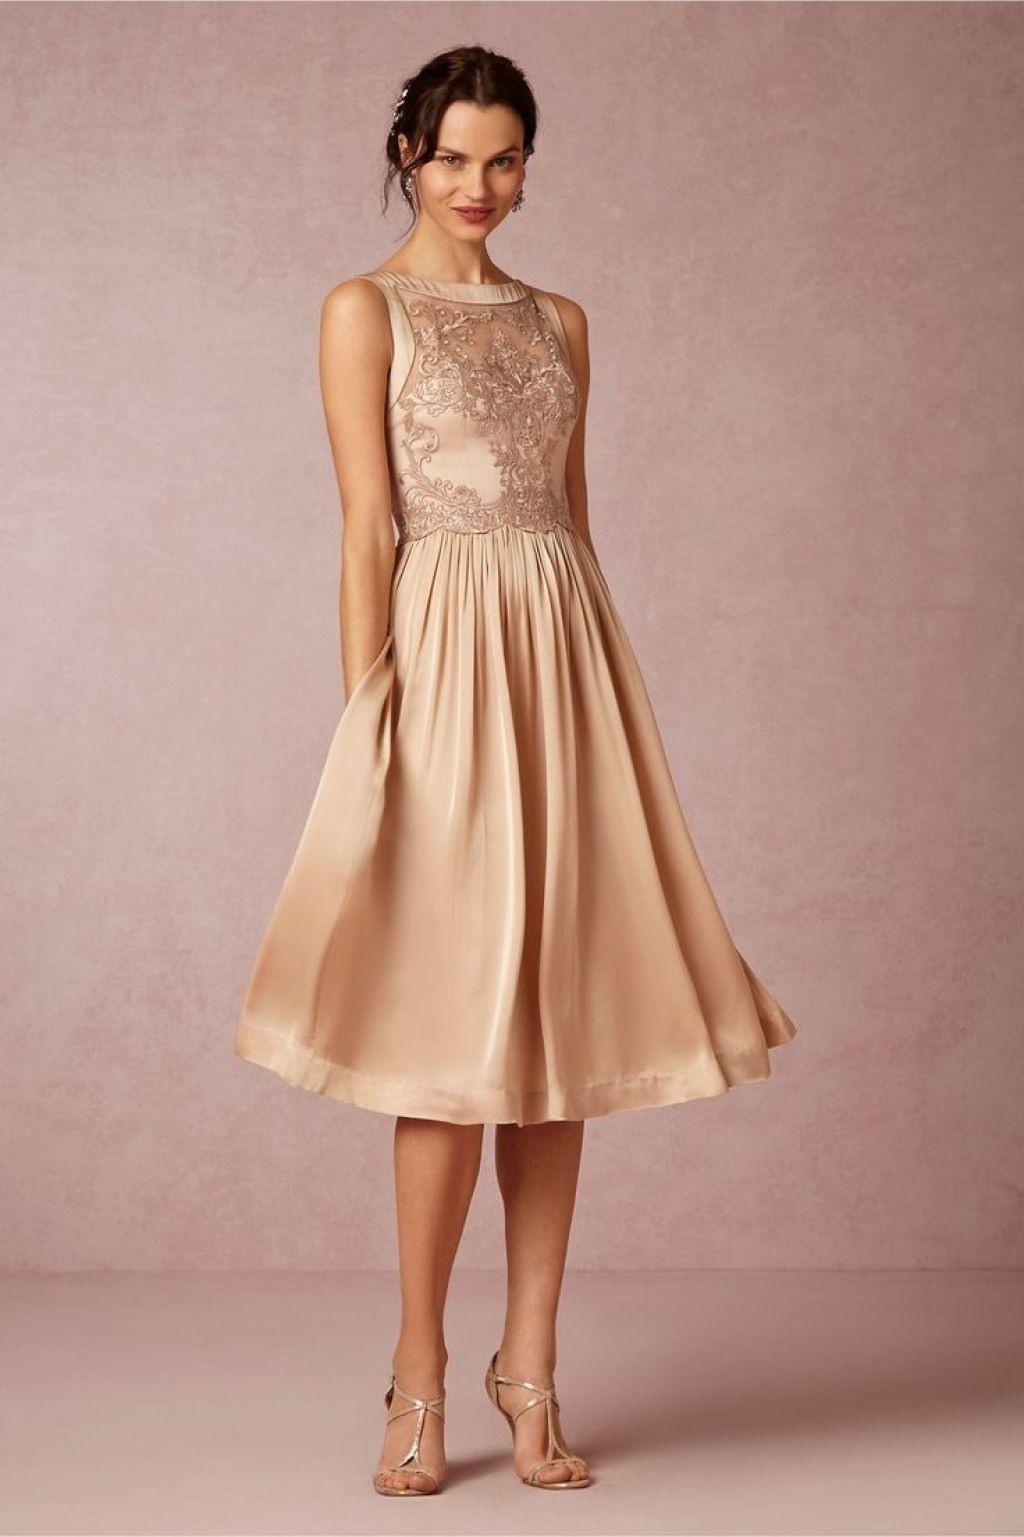 20 Perfekt Kleid Festlich Knielang Galerie15 Leicht Kleid Festlich Knielang Boutique